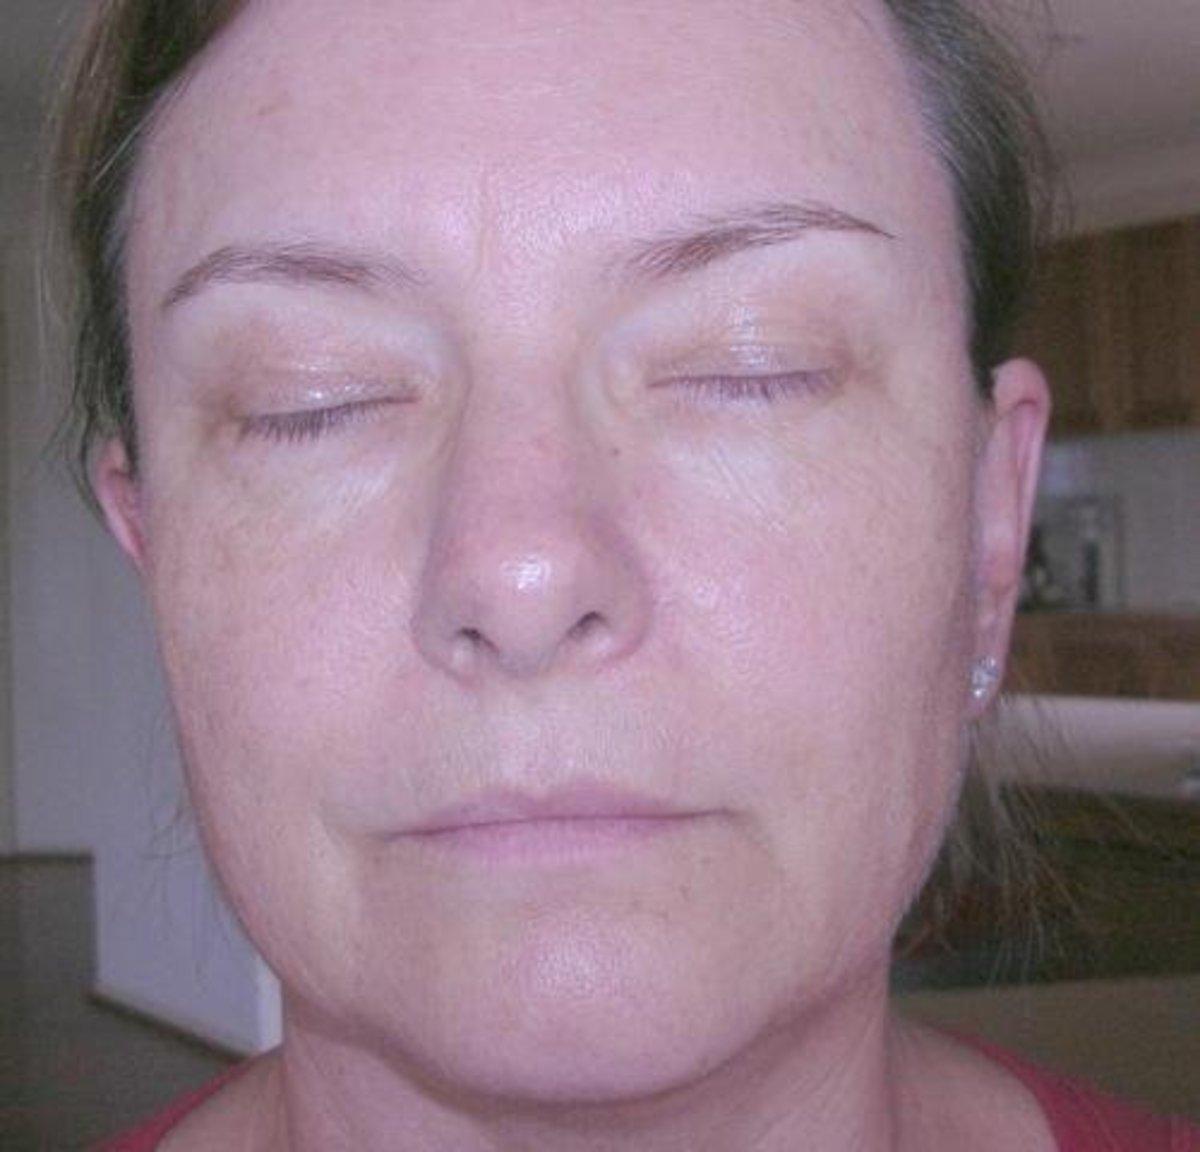 Skin condition after using Baiden Mitten for 2 months 1X week